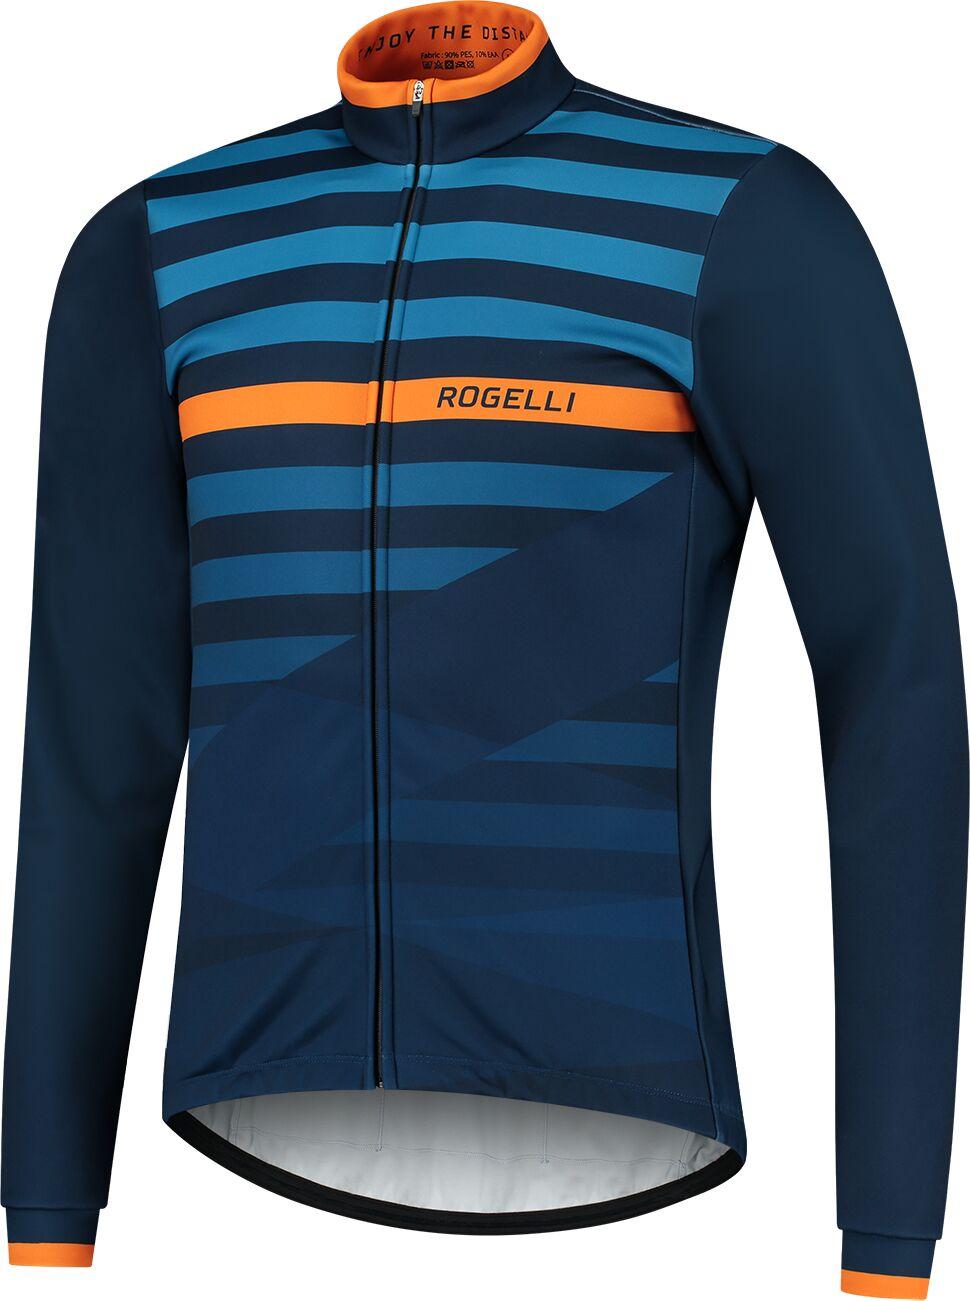 ROGELLI kurtka rowerowa zimowa STRIPE blue ROG351041 Rozmiar: M,SROG351041.S